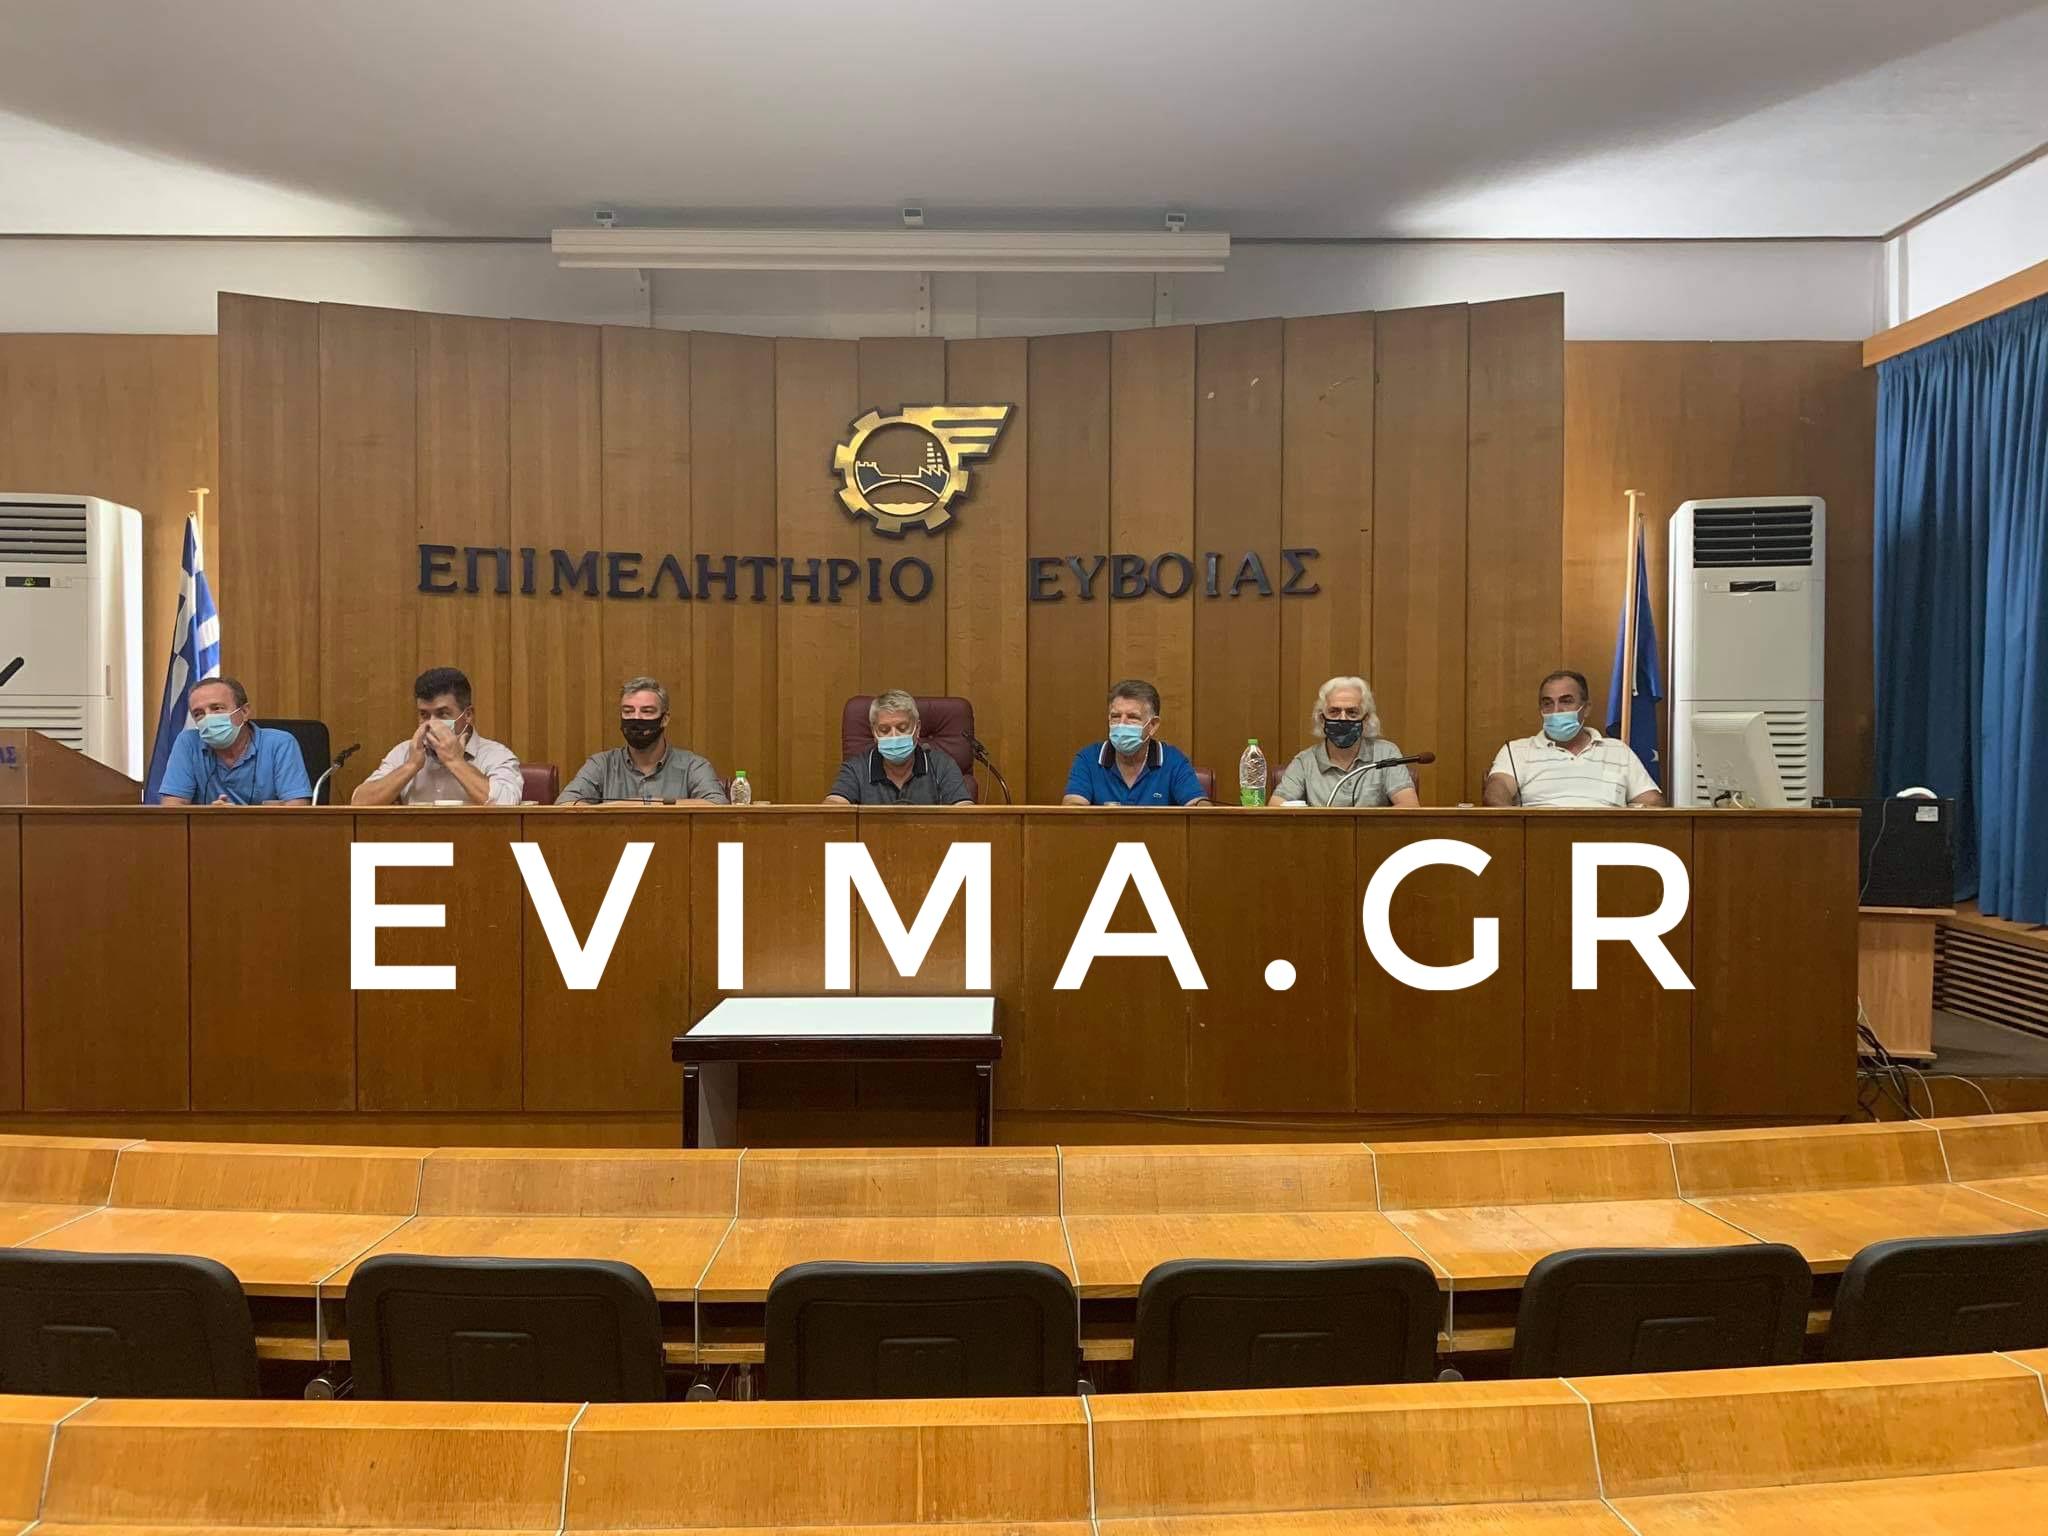 Το θέμα του Δημόκριτου στη σημερινή συνεδρίαση του Δ.Σ. του Επιμελητηρίου Ευβοίας